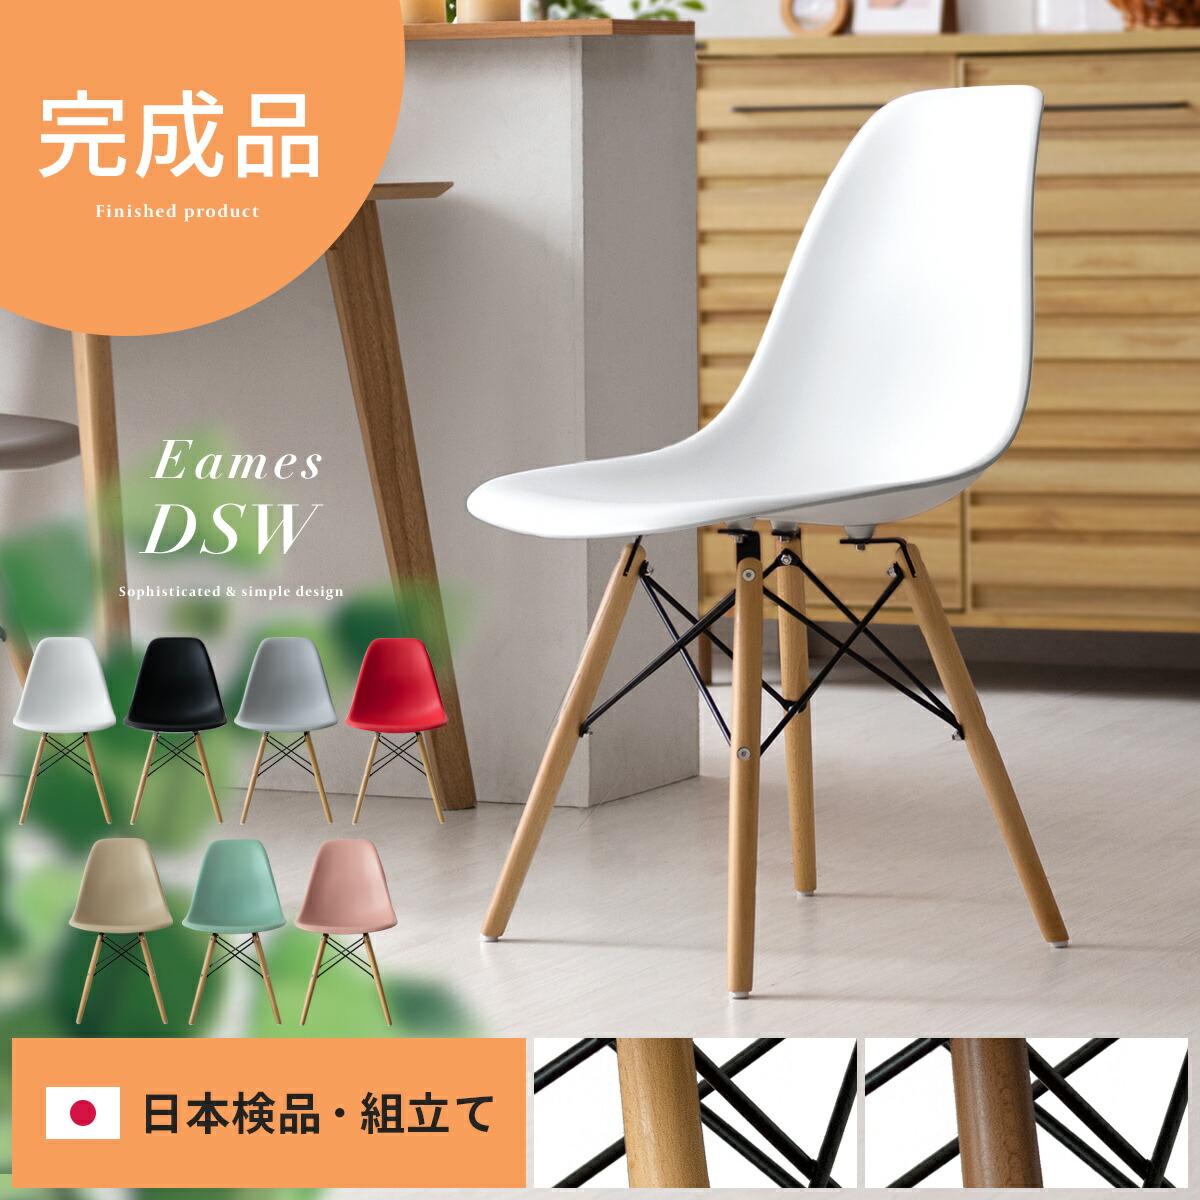 イームズ 、シェルチェア、イームズチェア Eames DSW ウッド脚デザイン ジェネリック リプロダクト